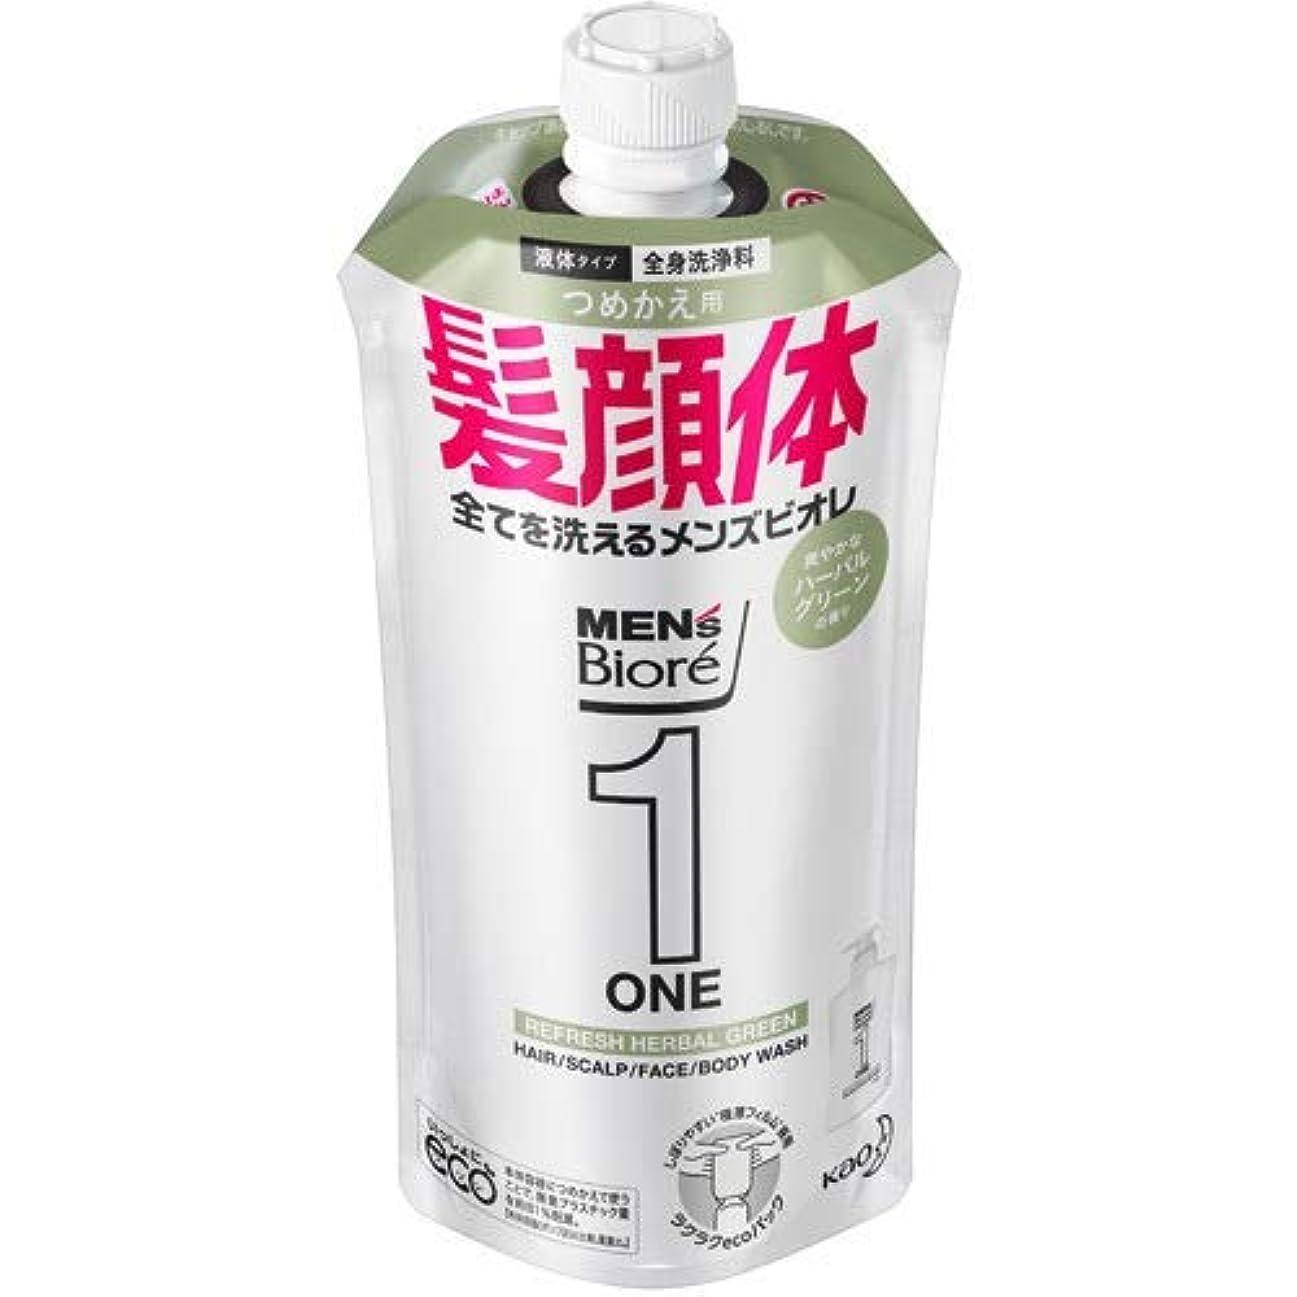 滑り台フォアタイプ不公平【10個セット】メンズビオレONE オールインワン全身洗浄料 爽やかなハーブルグリーンの香り つめかえ用 340mL